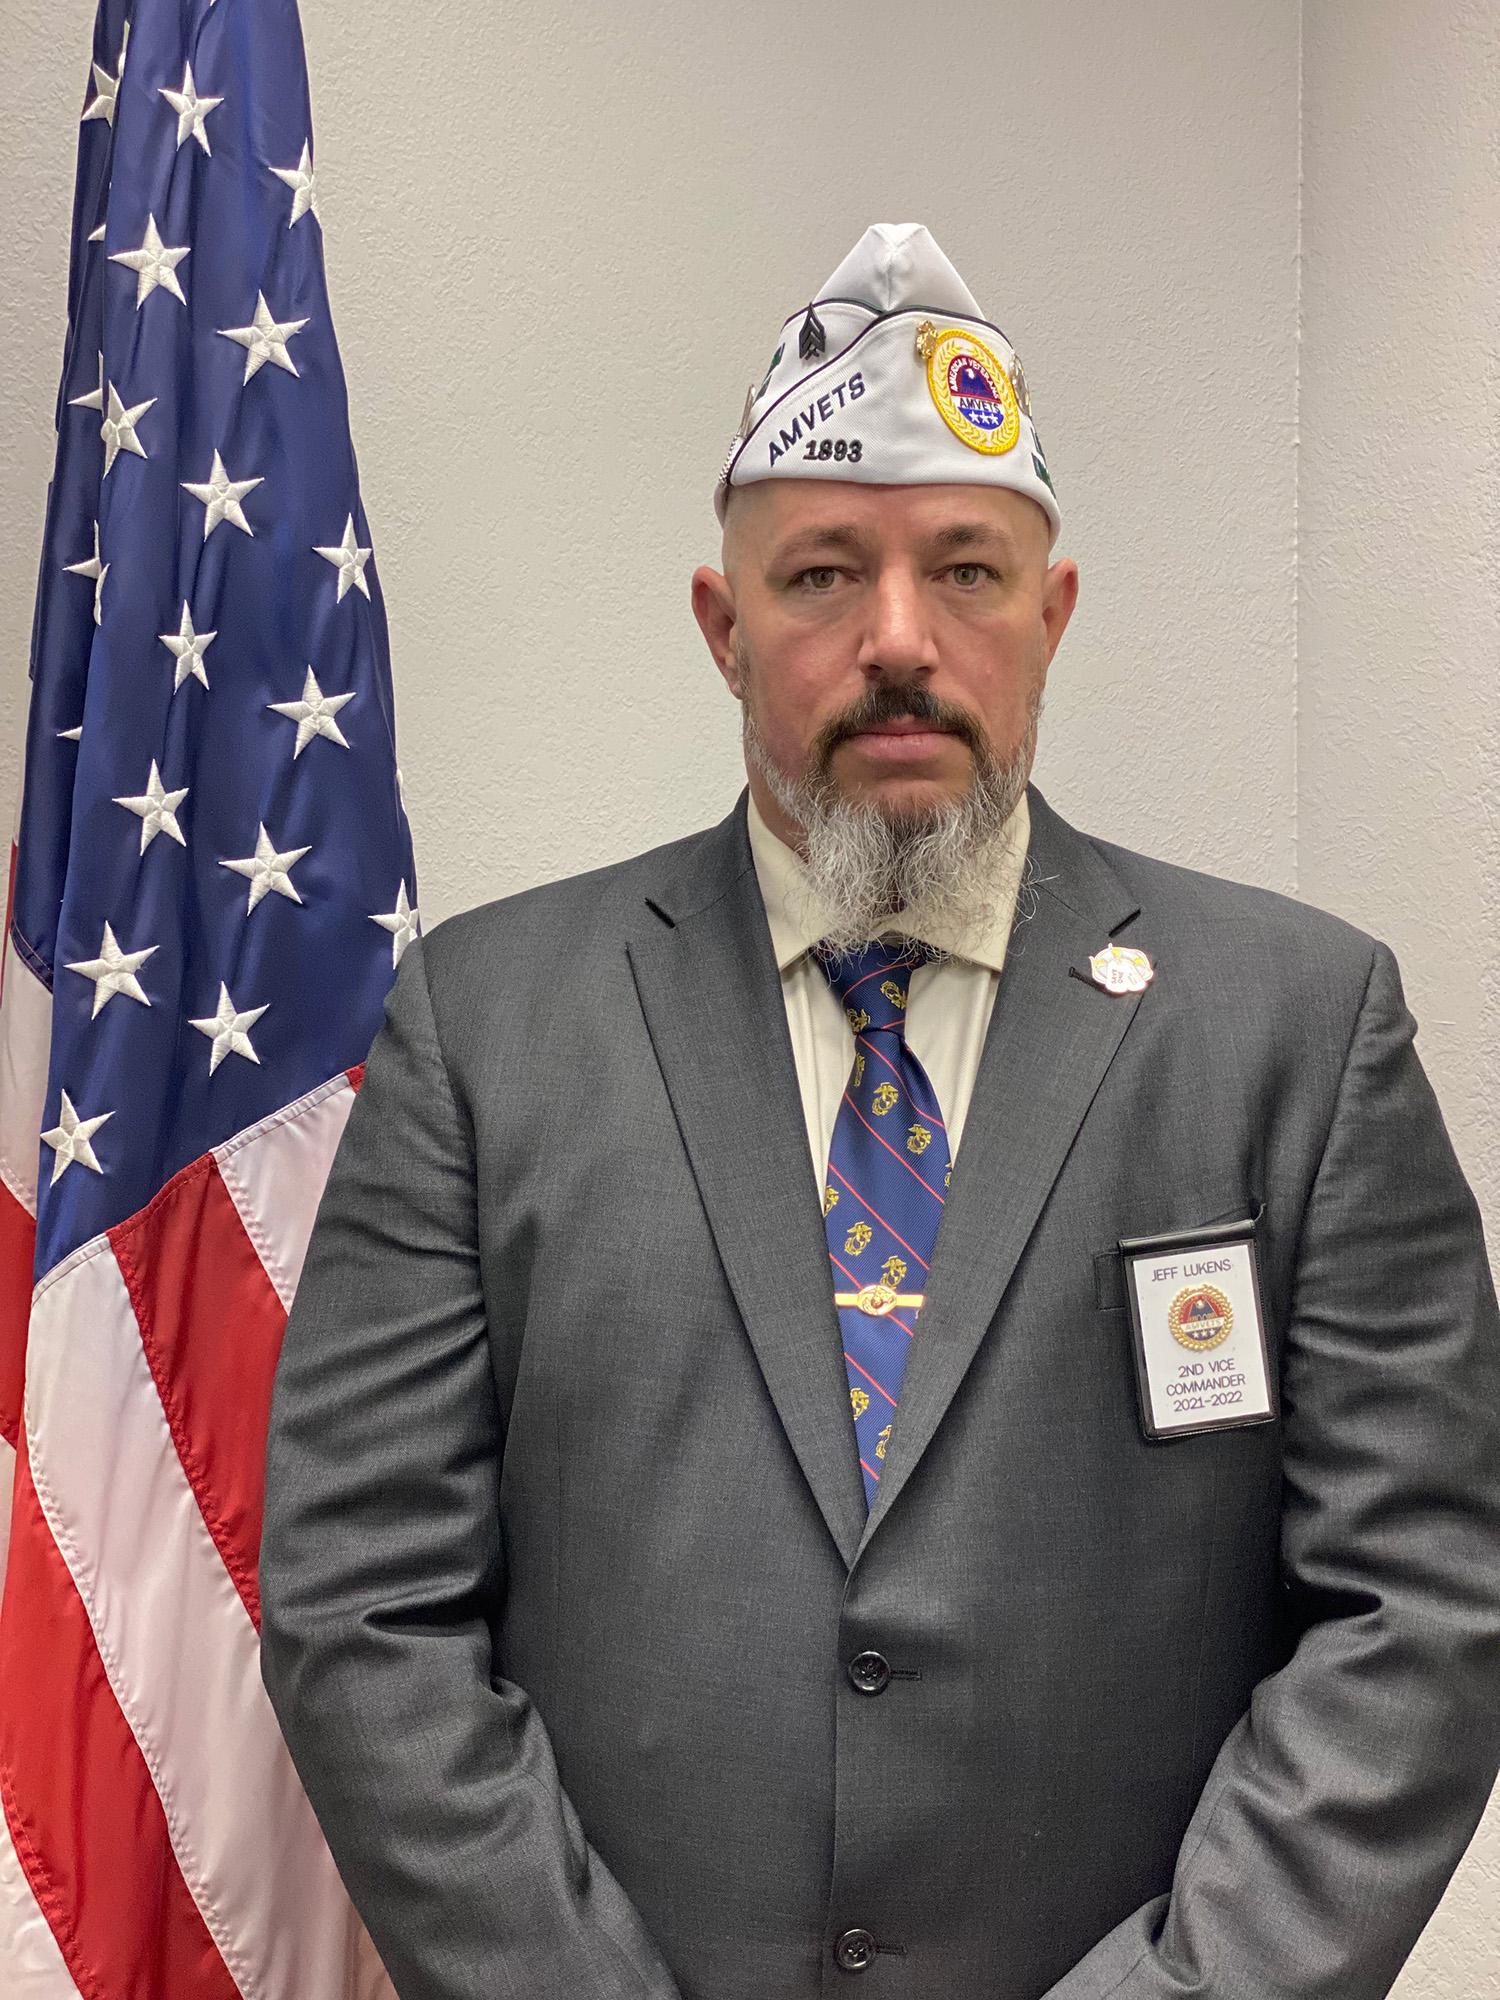 Jeff Lukens 2nd Vice Commander